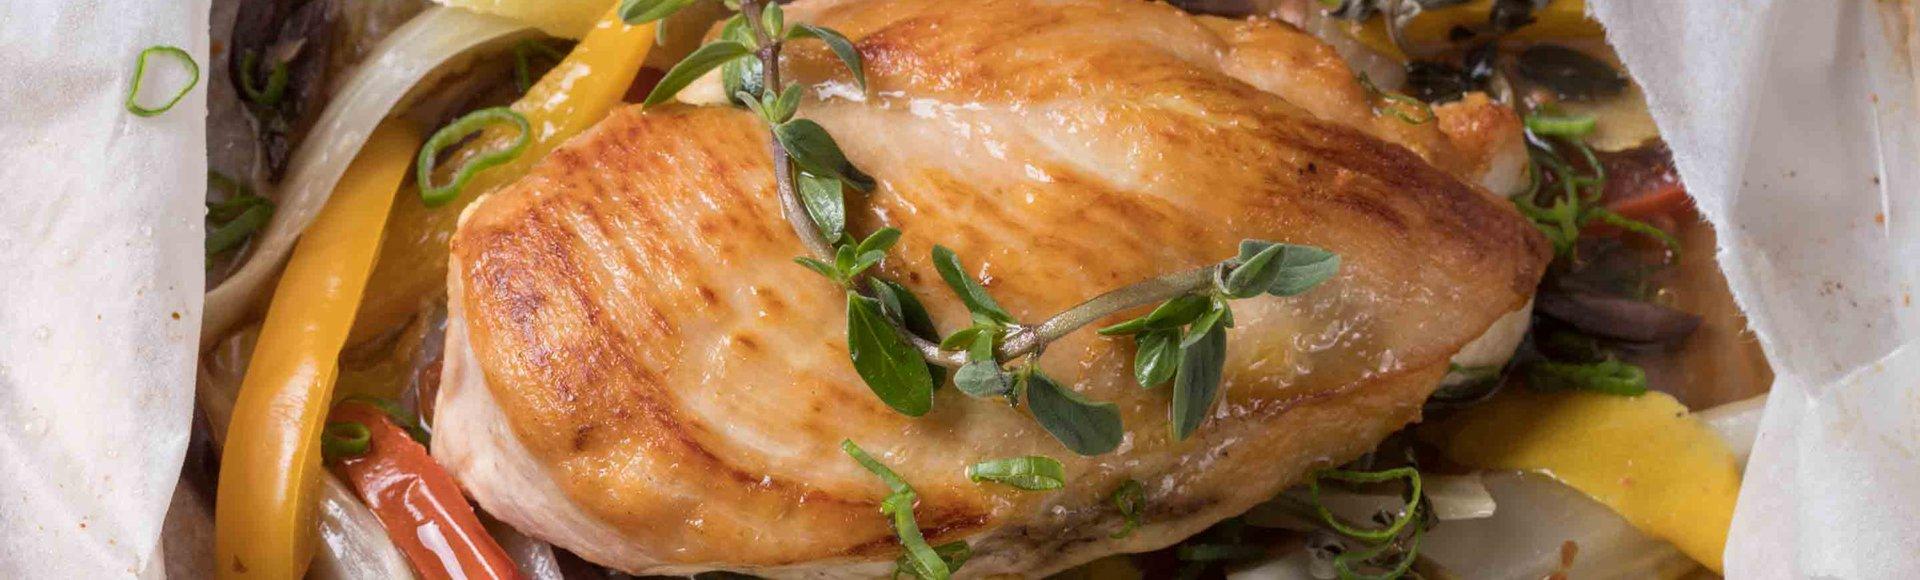 Κοτόπουλο στη λαδόκολλα με λαχανικά, ελιές και ματζουράνα